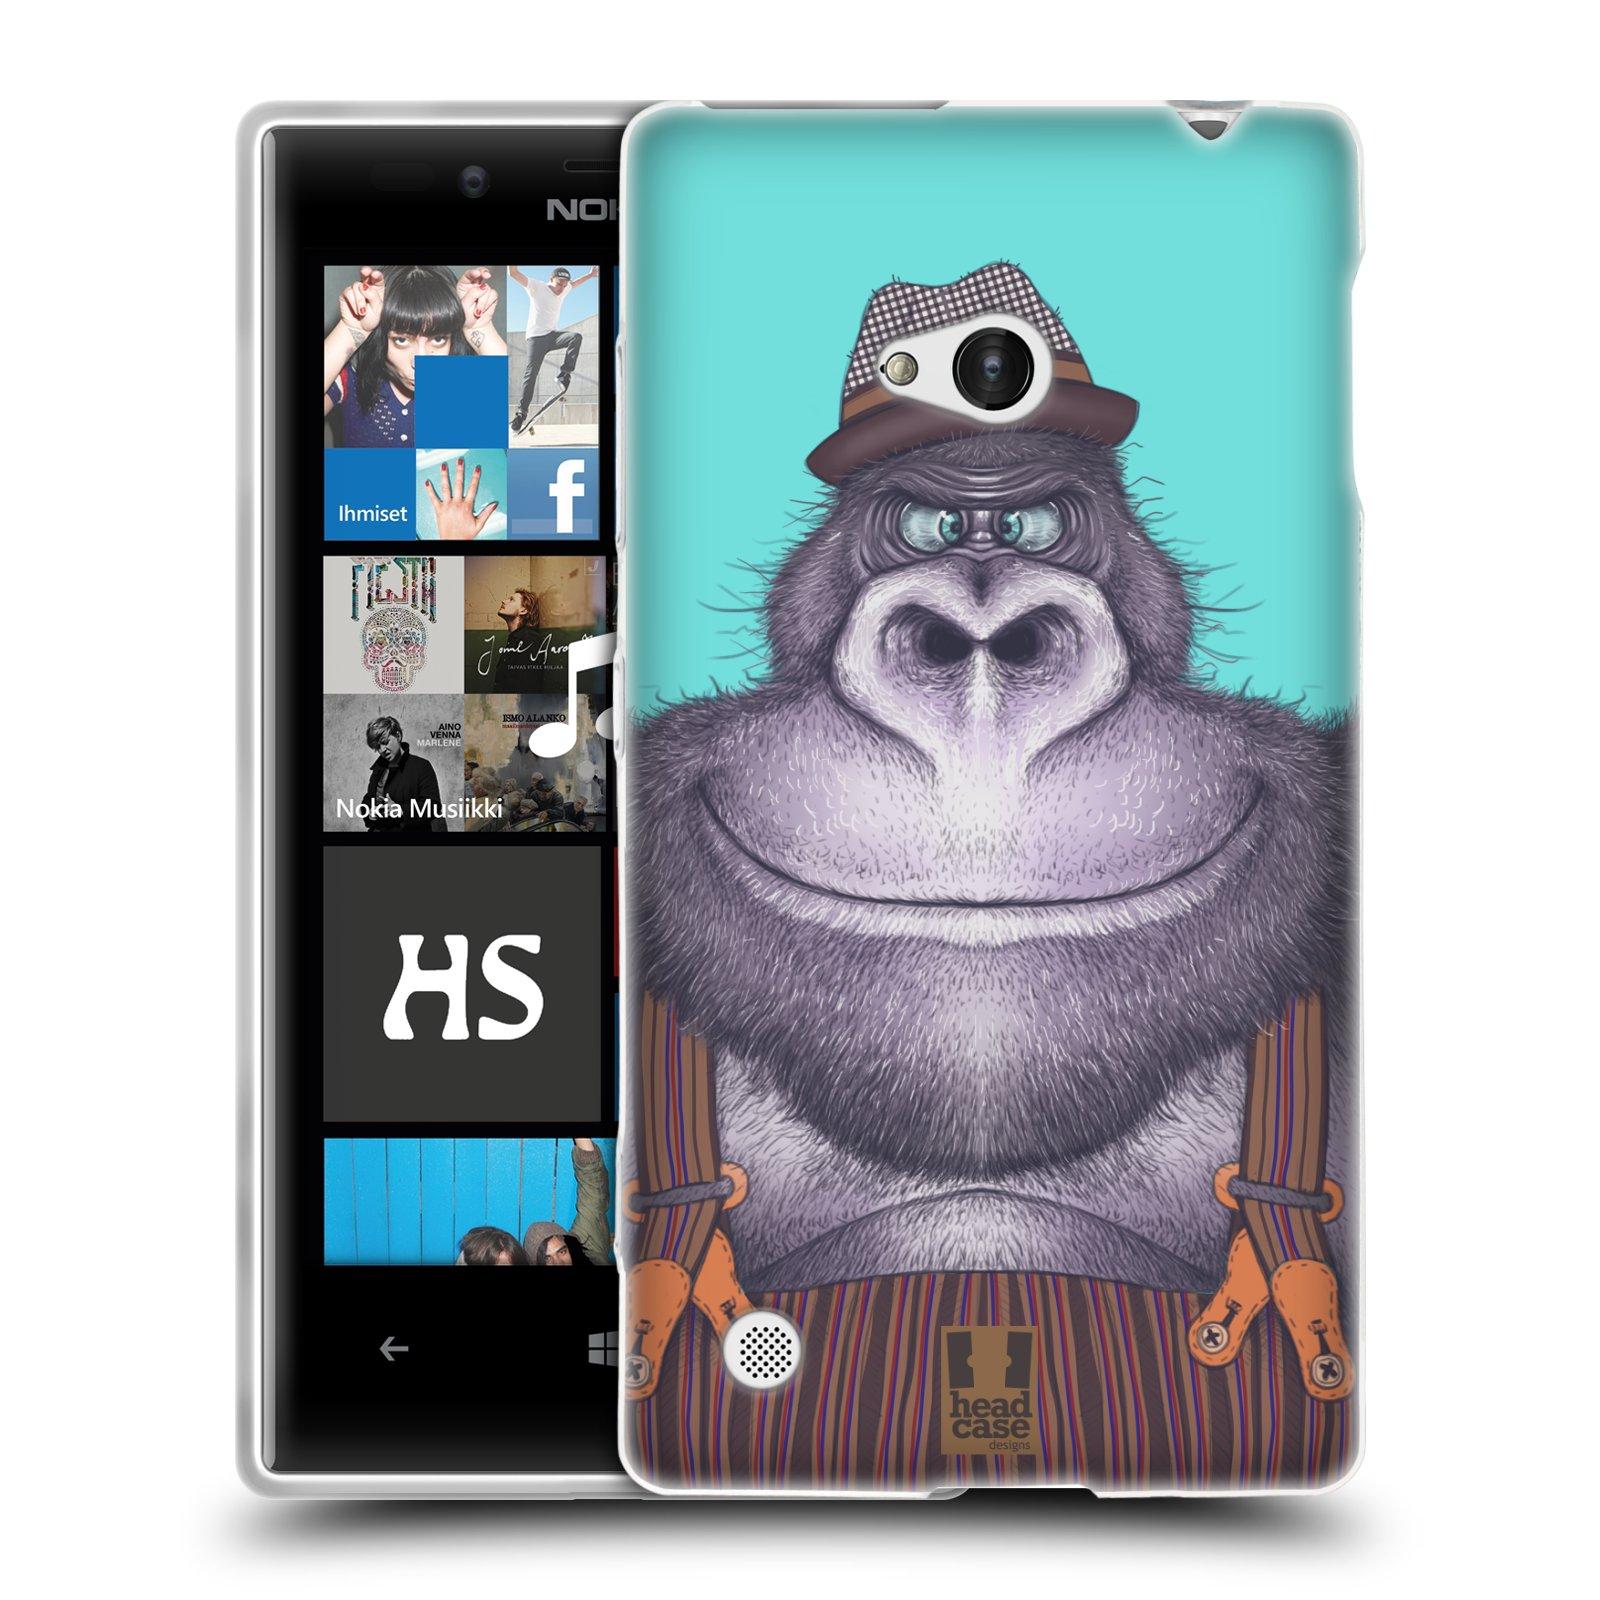 HEAD CASE silikonový obal na mobil NOKIA Lumia 720 vzor Kreslená zvířátka gorila